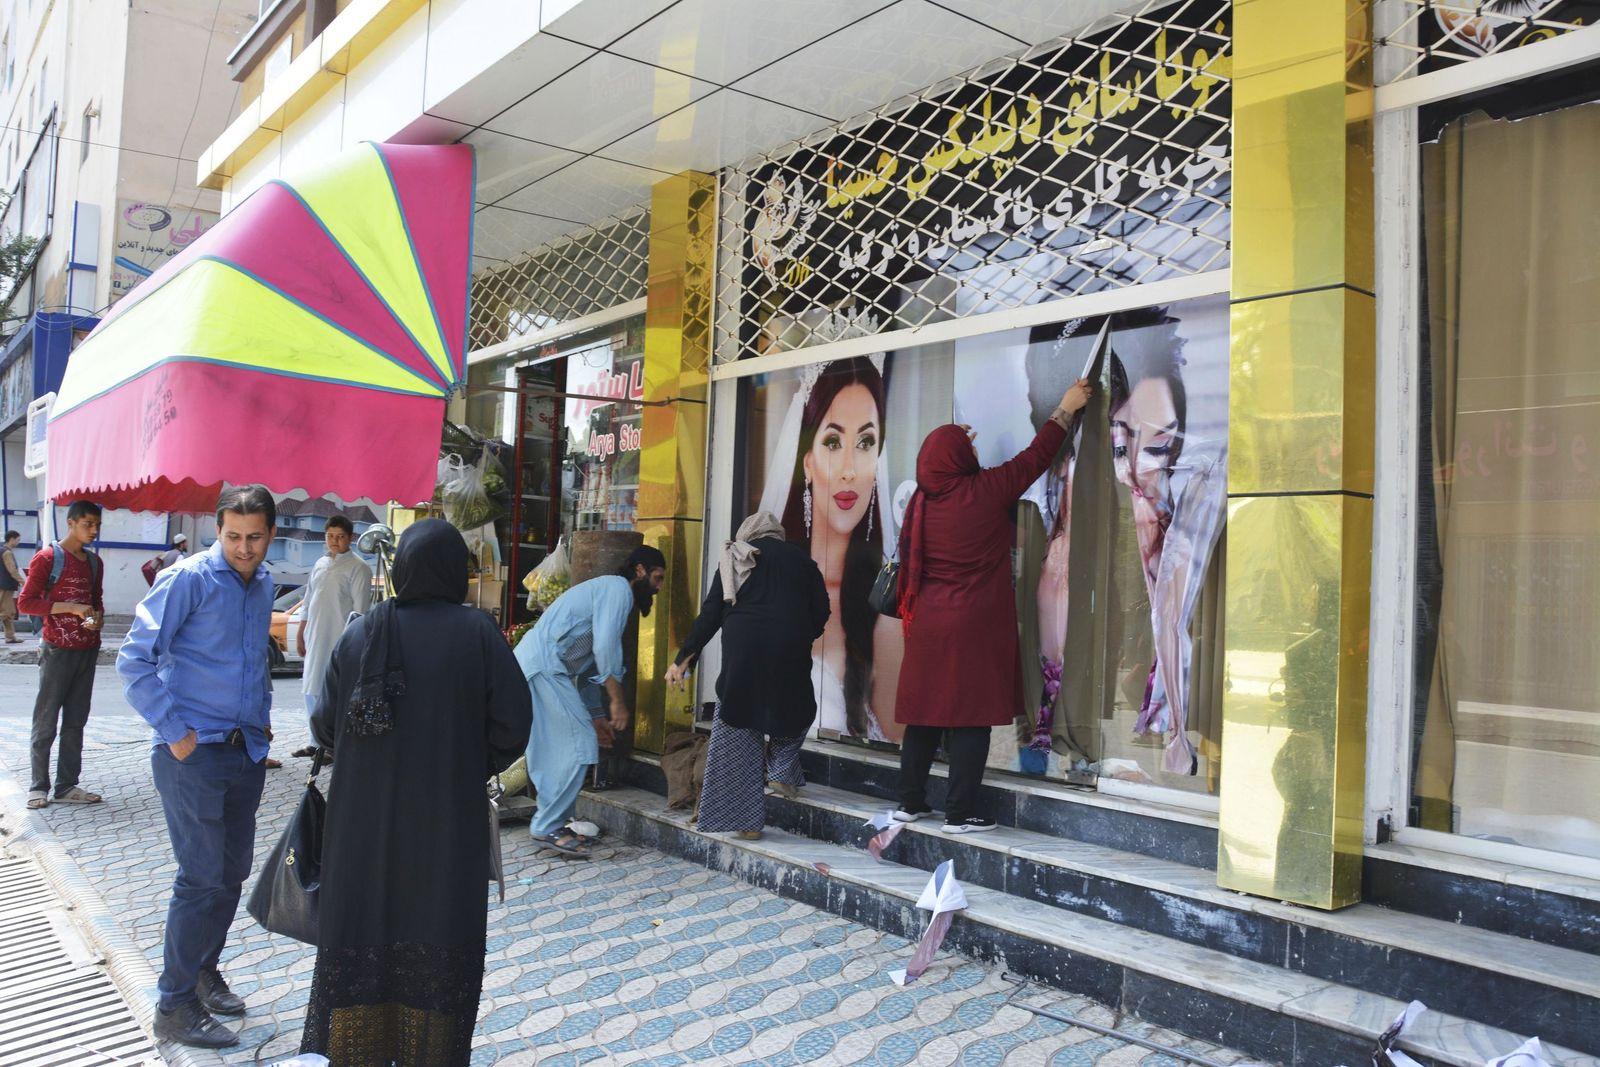 Konflikt in Afghanistan - Taliban dringen in Kabul ein